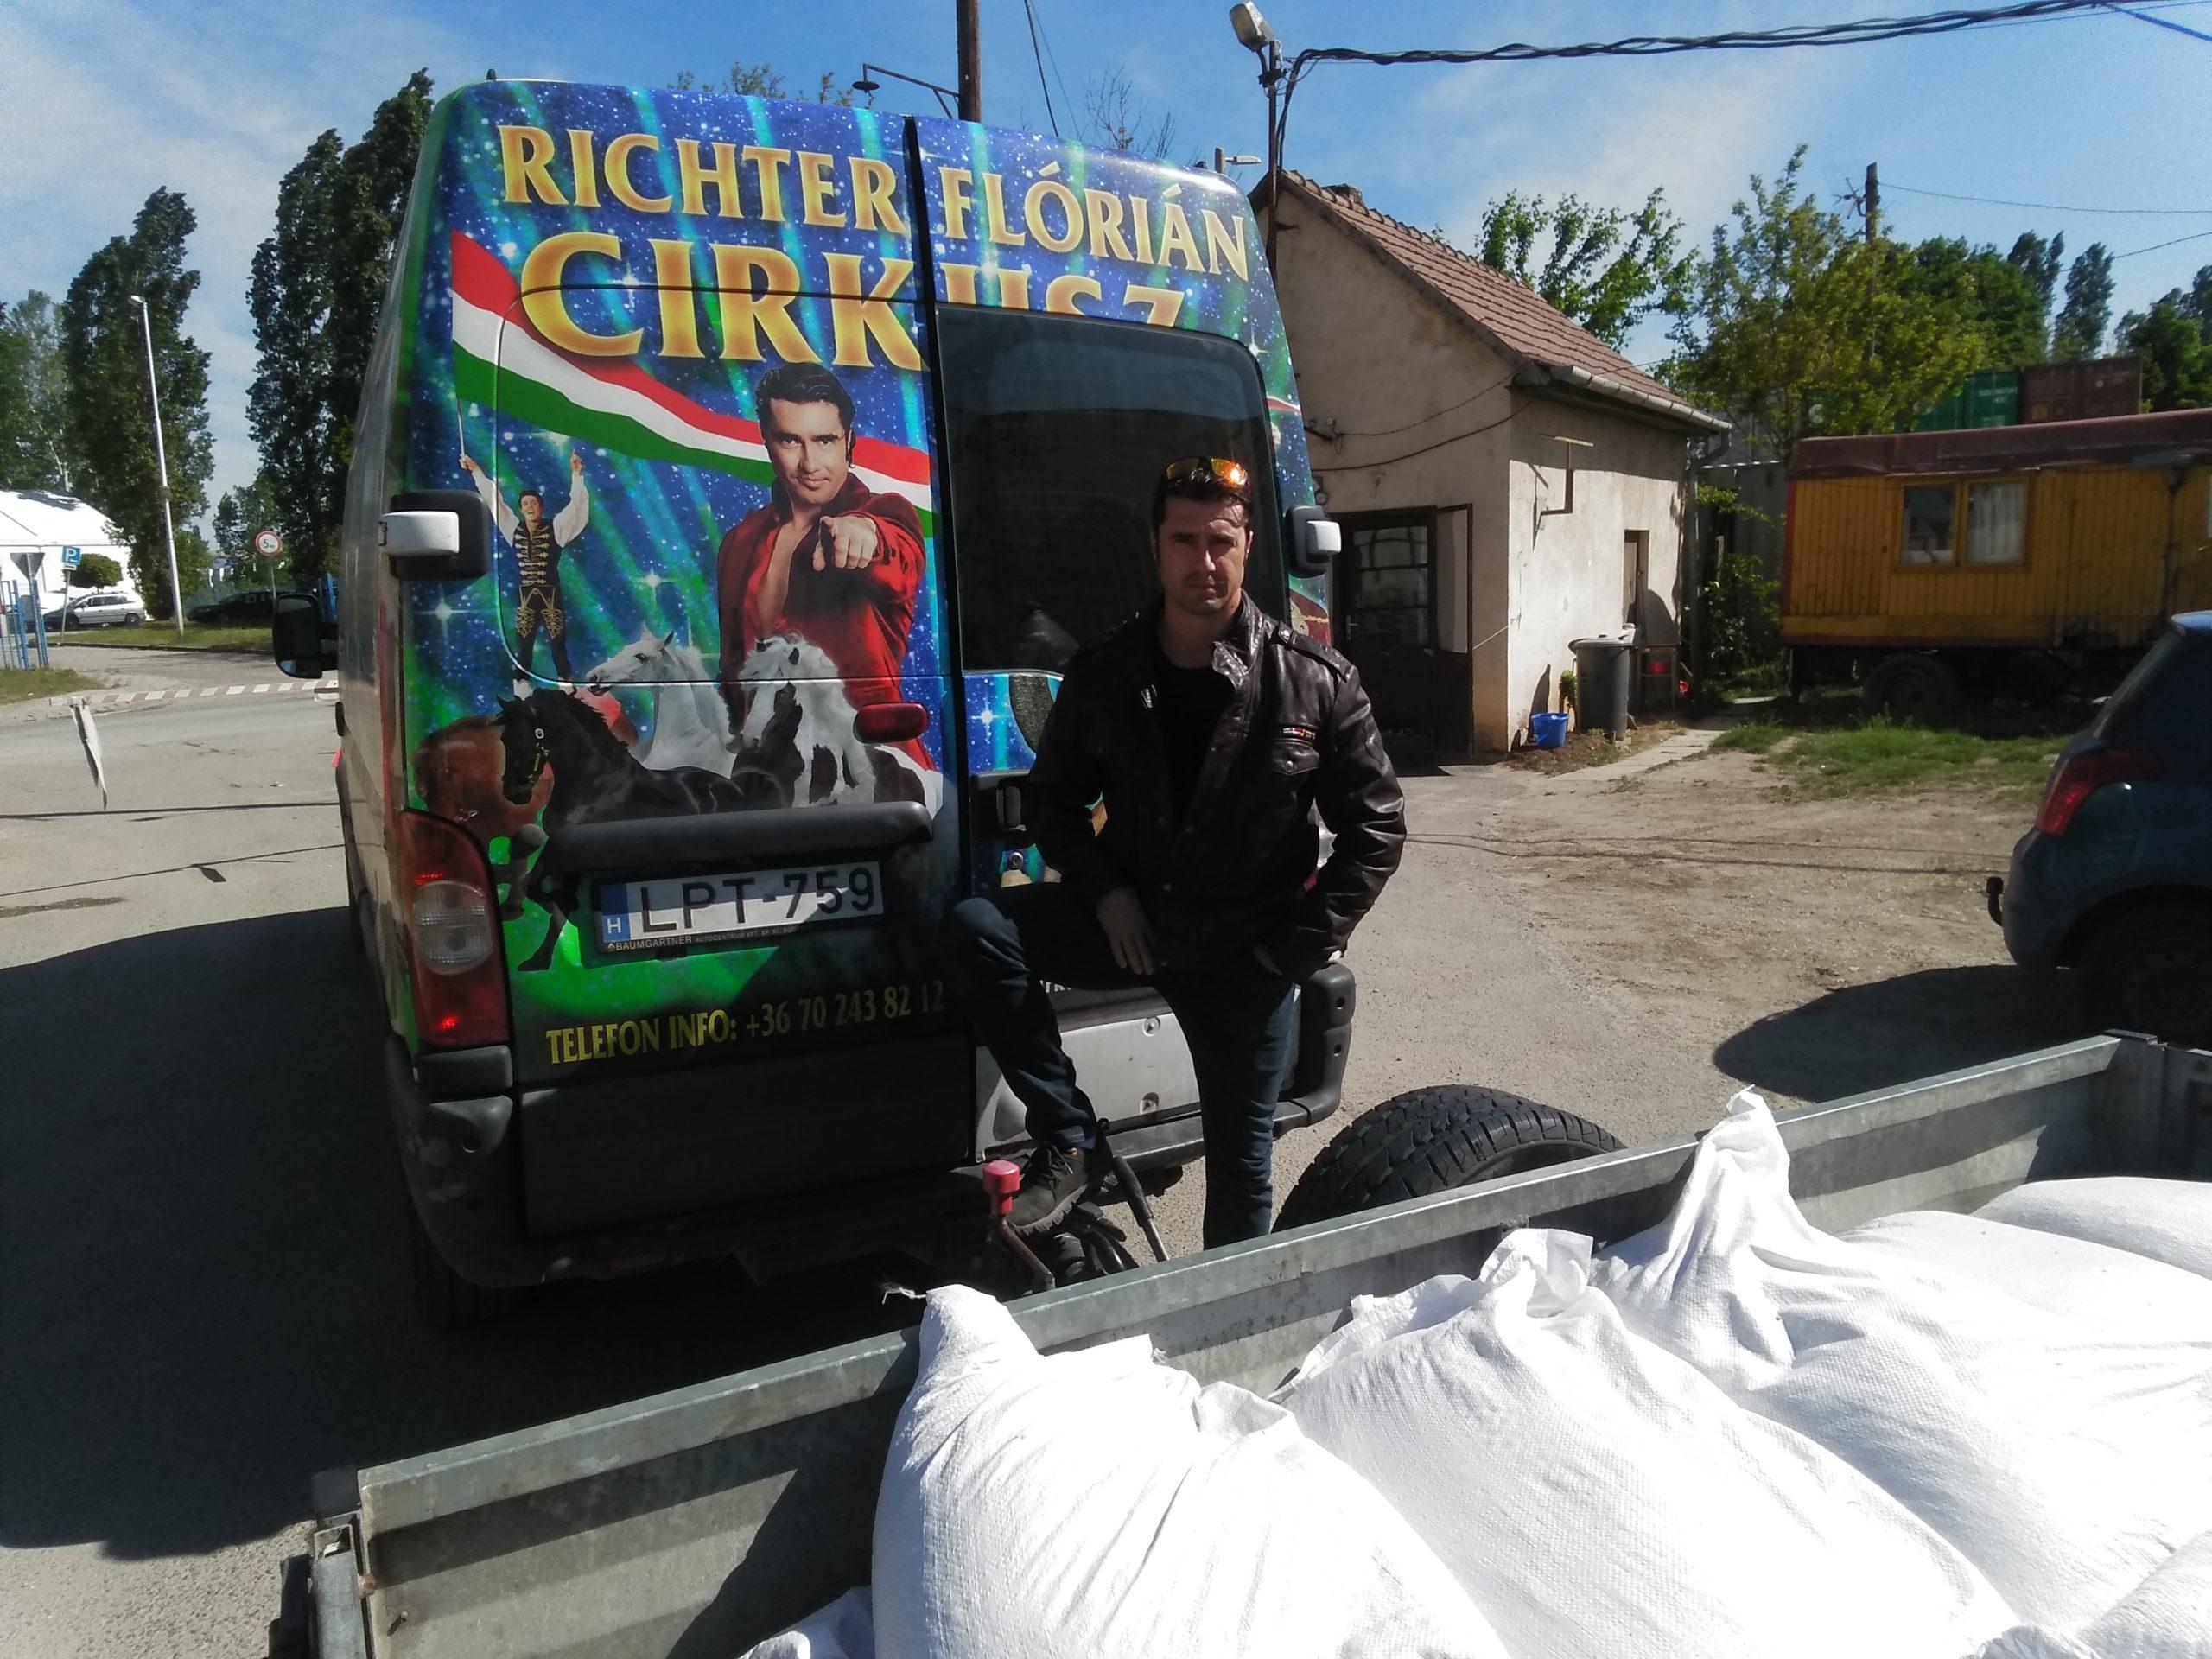 Újabb adományt vett át egy utazó cirkusz